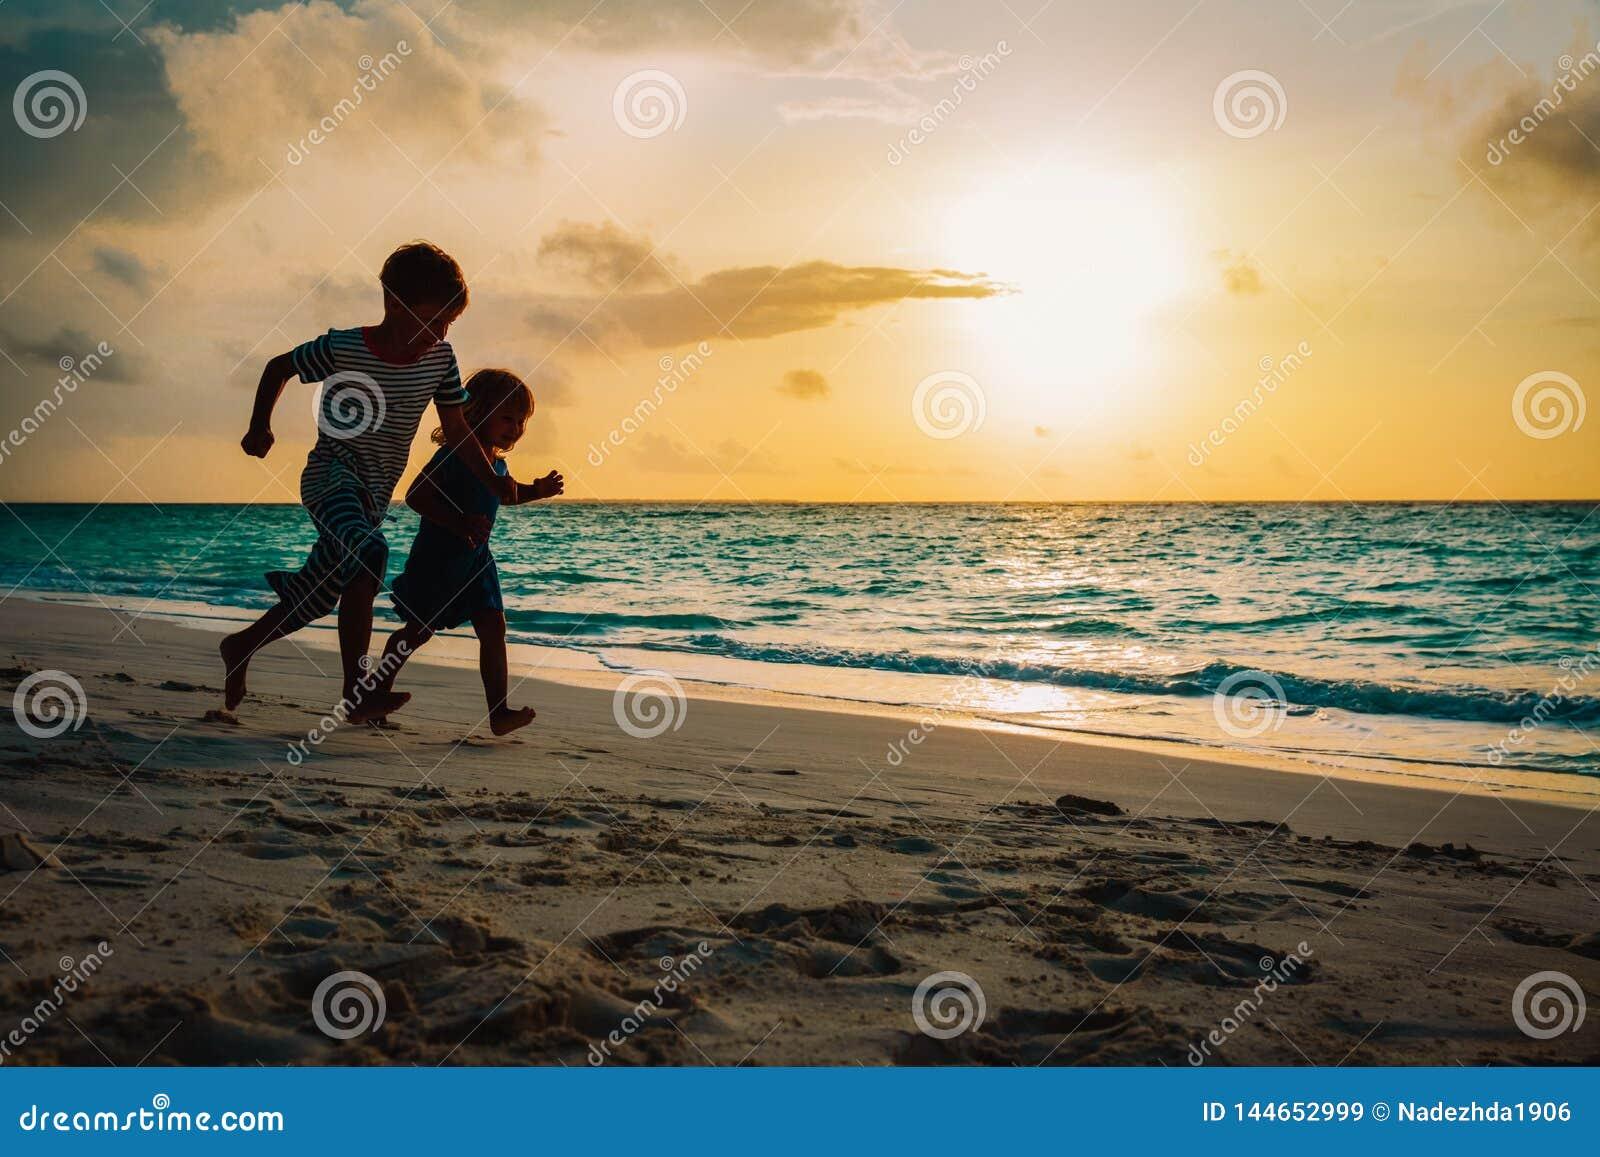 Παιχνίδι τρεξίματος μικρών παιδιών και κοριτσιών στην παραλία ηλιοβασιλέματος